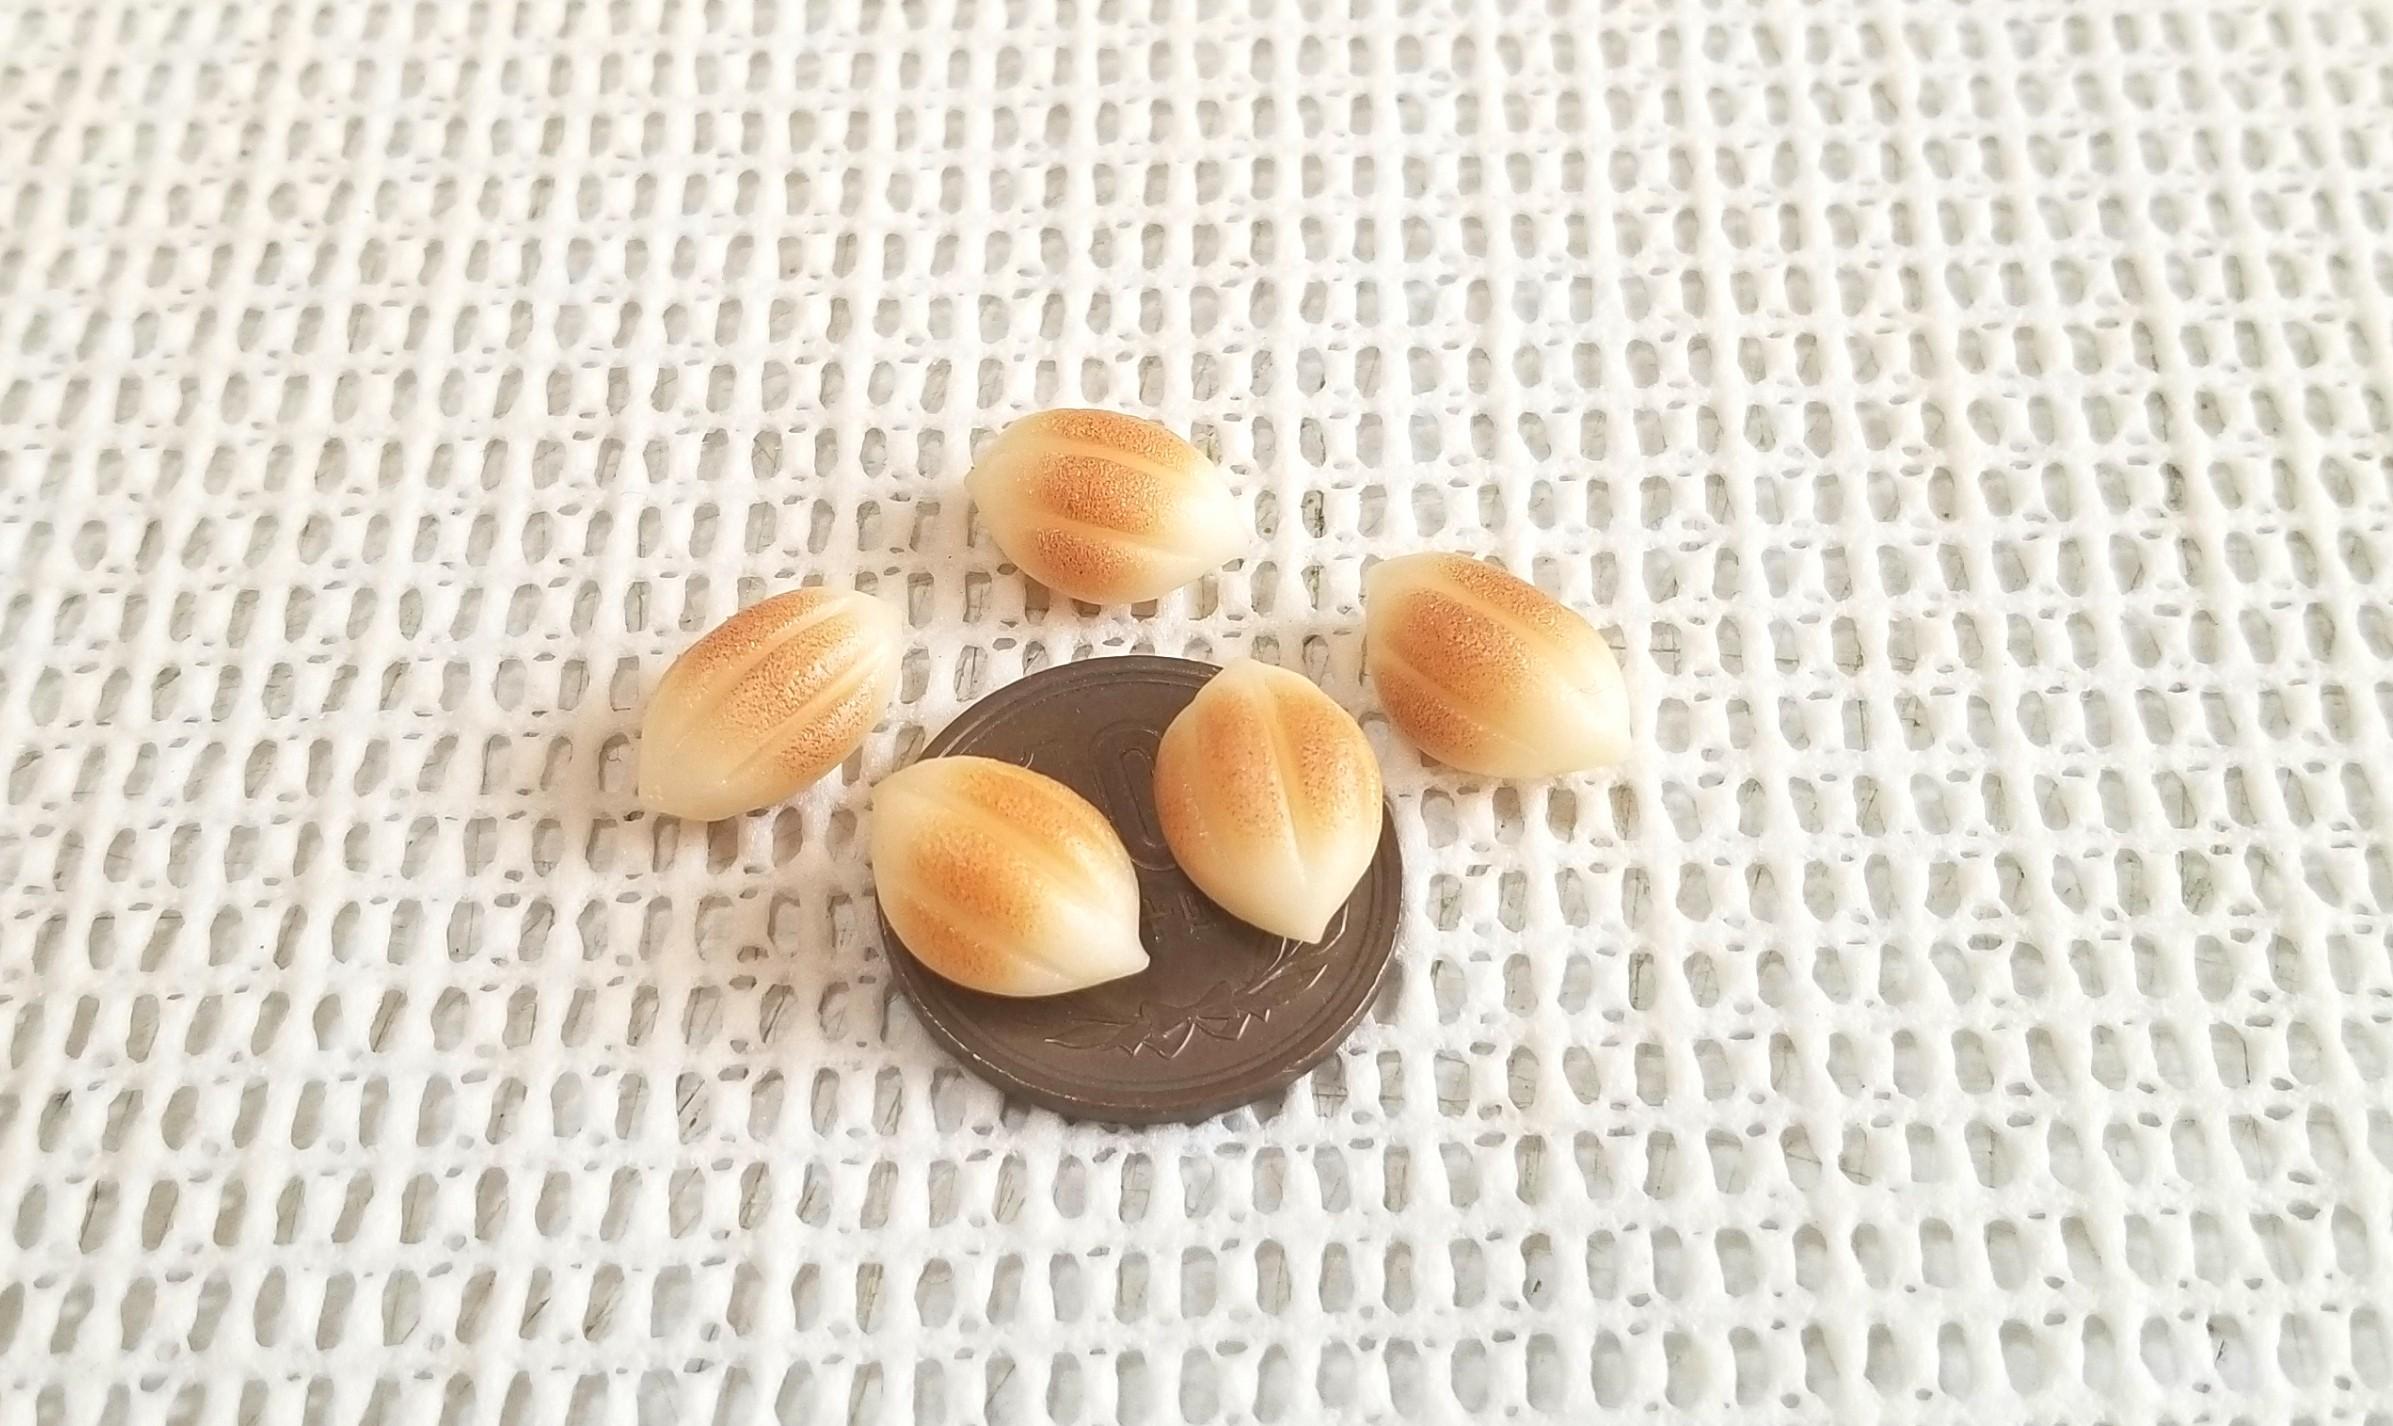 ミニチュアフード,アーモンドパン,樹脂粘土,リカちゃん人形,オビツ